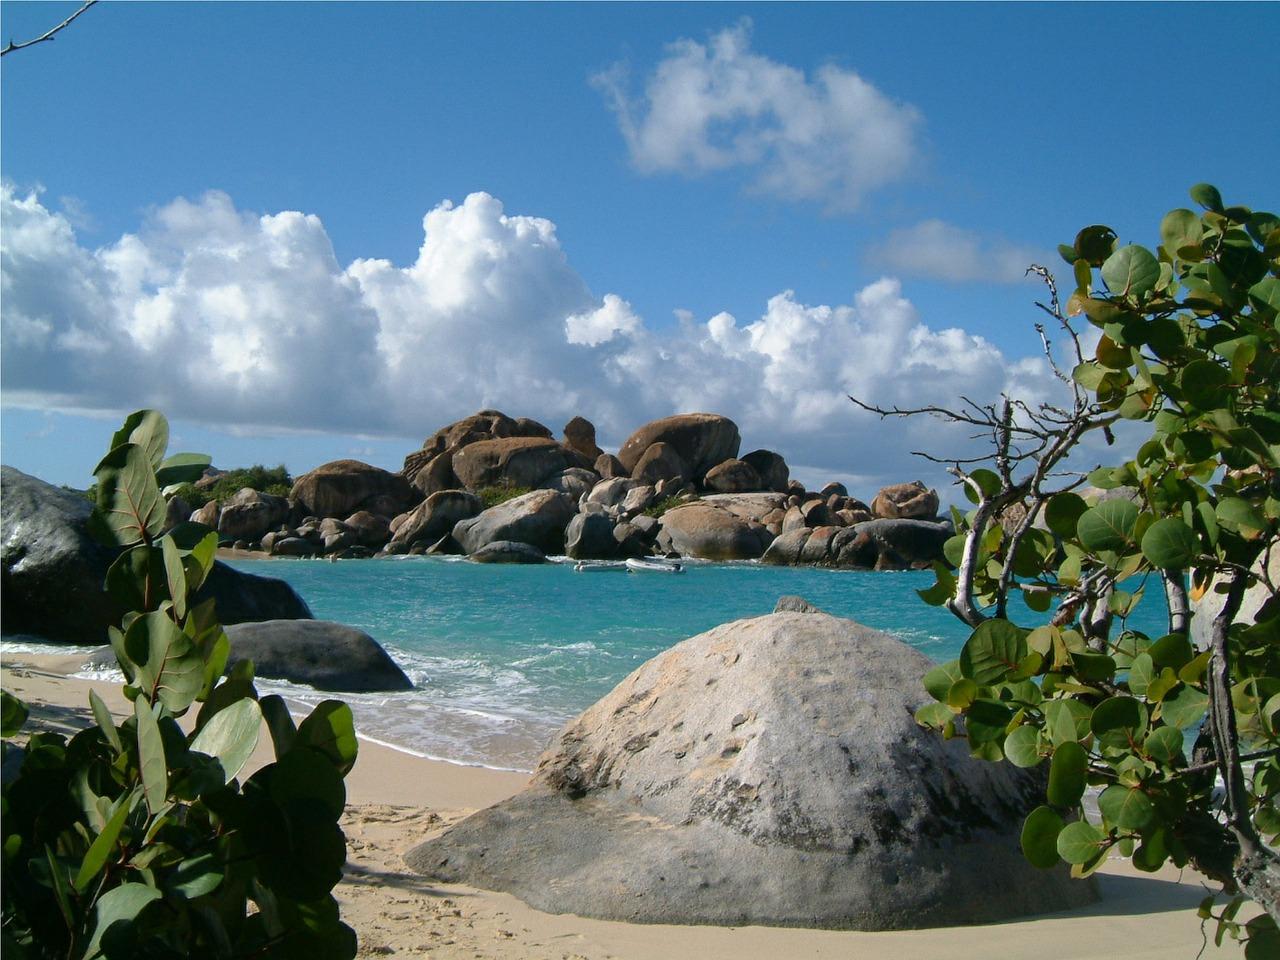 Groundwater cleanup plan revamped in U.S. Virgin Islands